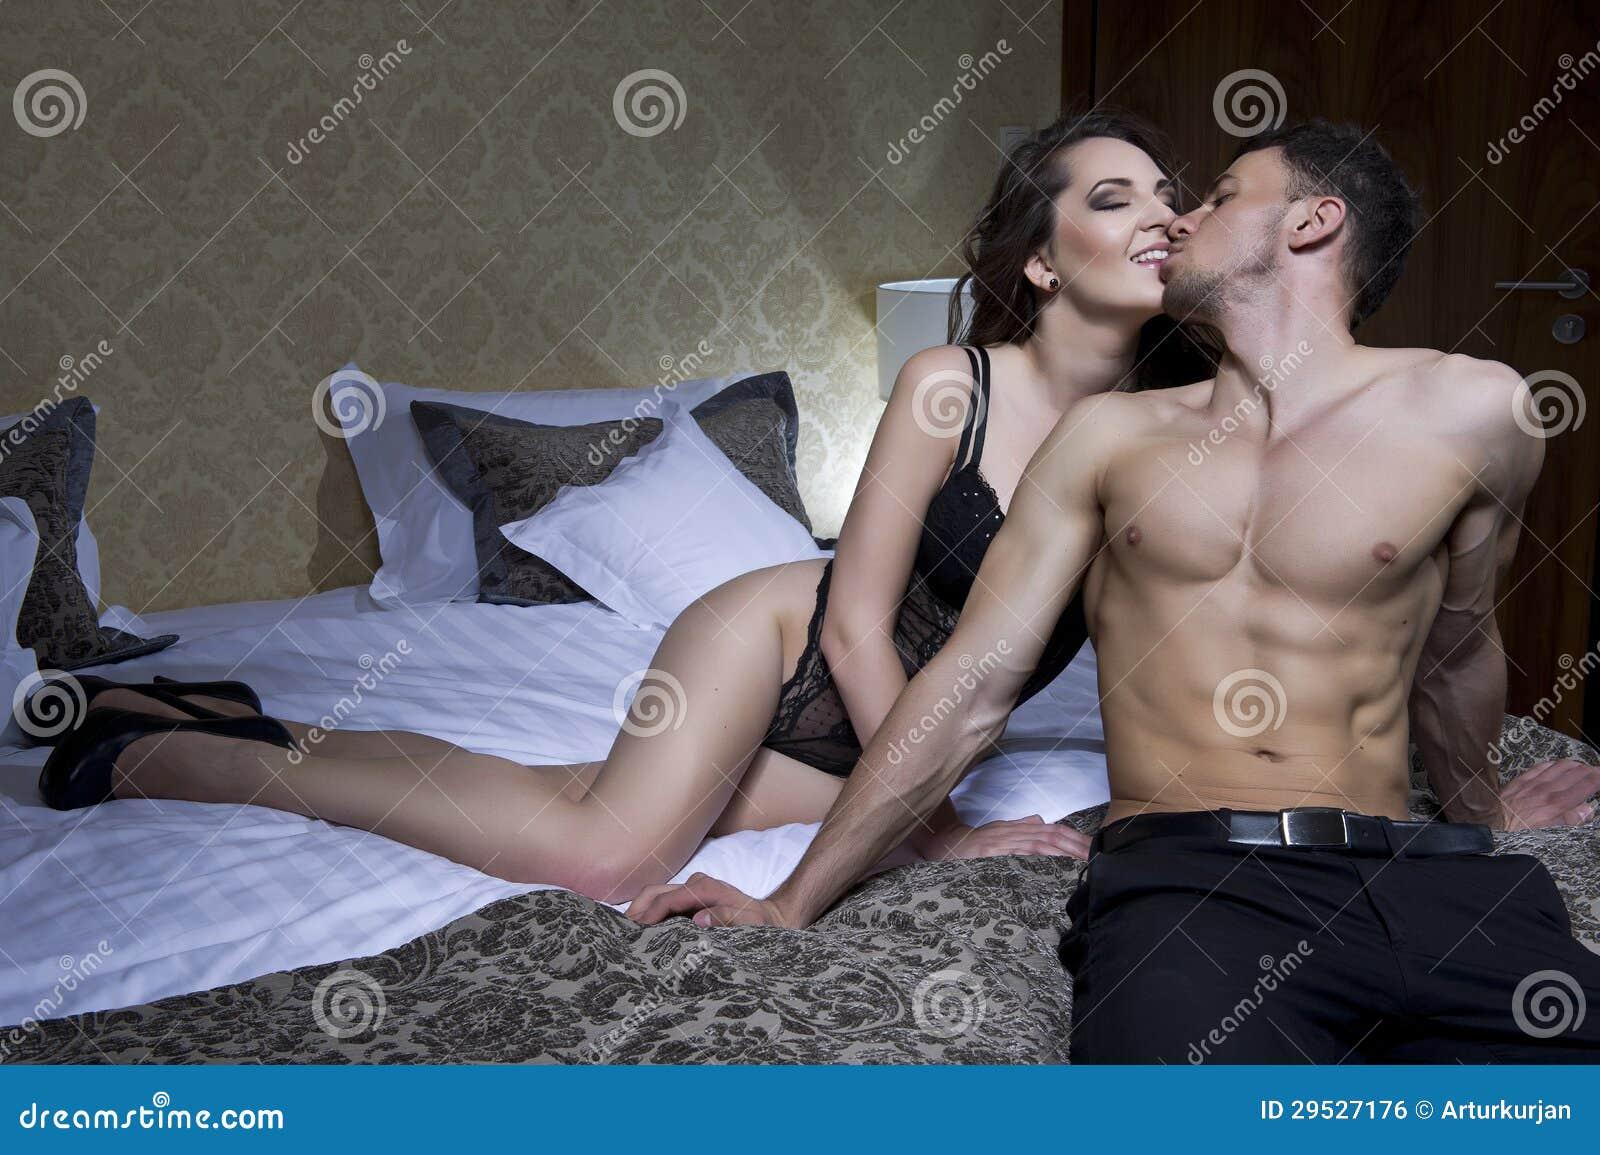 Секс вдвоем дома, Вдвоем Домашнее (найденопорно видео роликов) 24 фотография